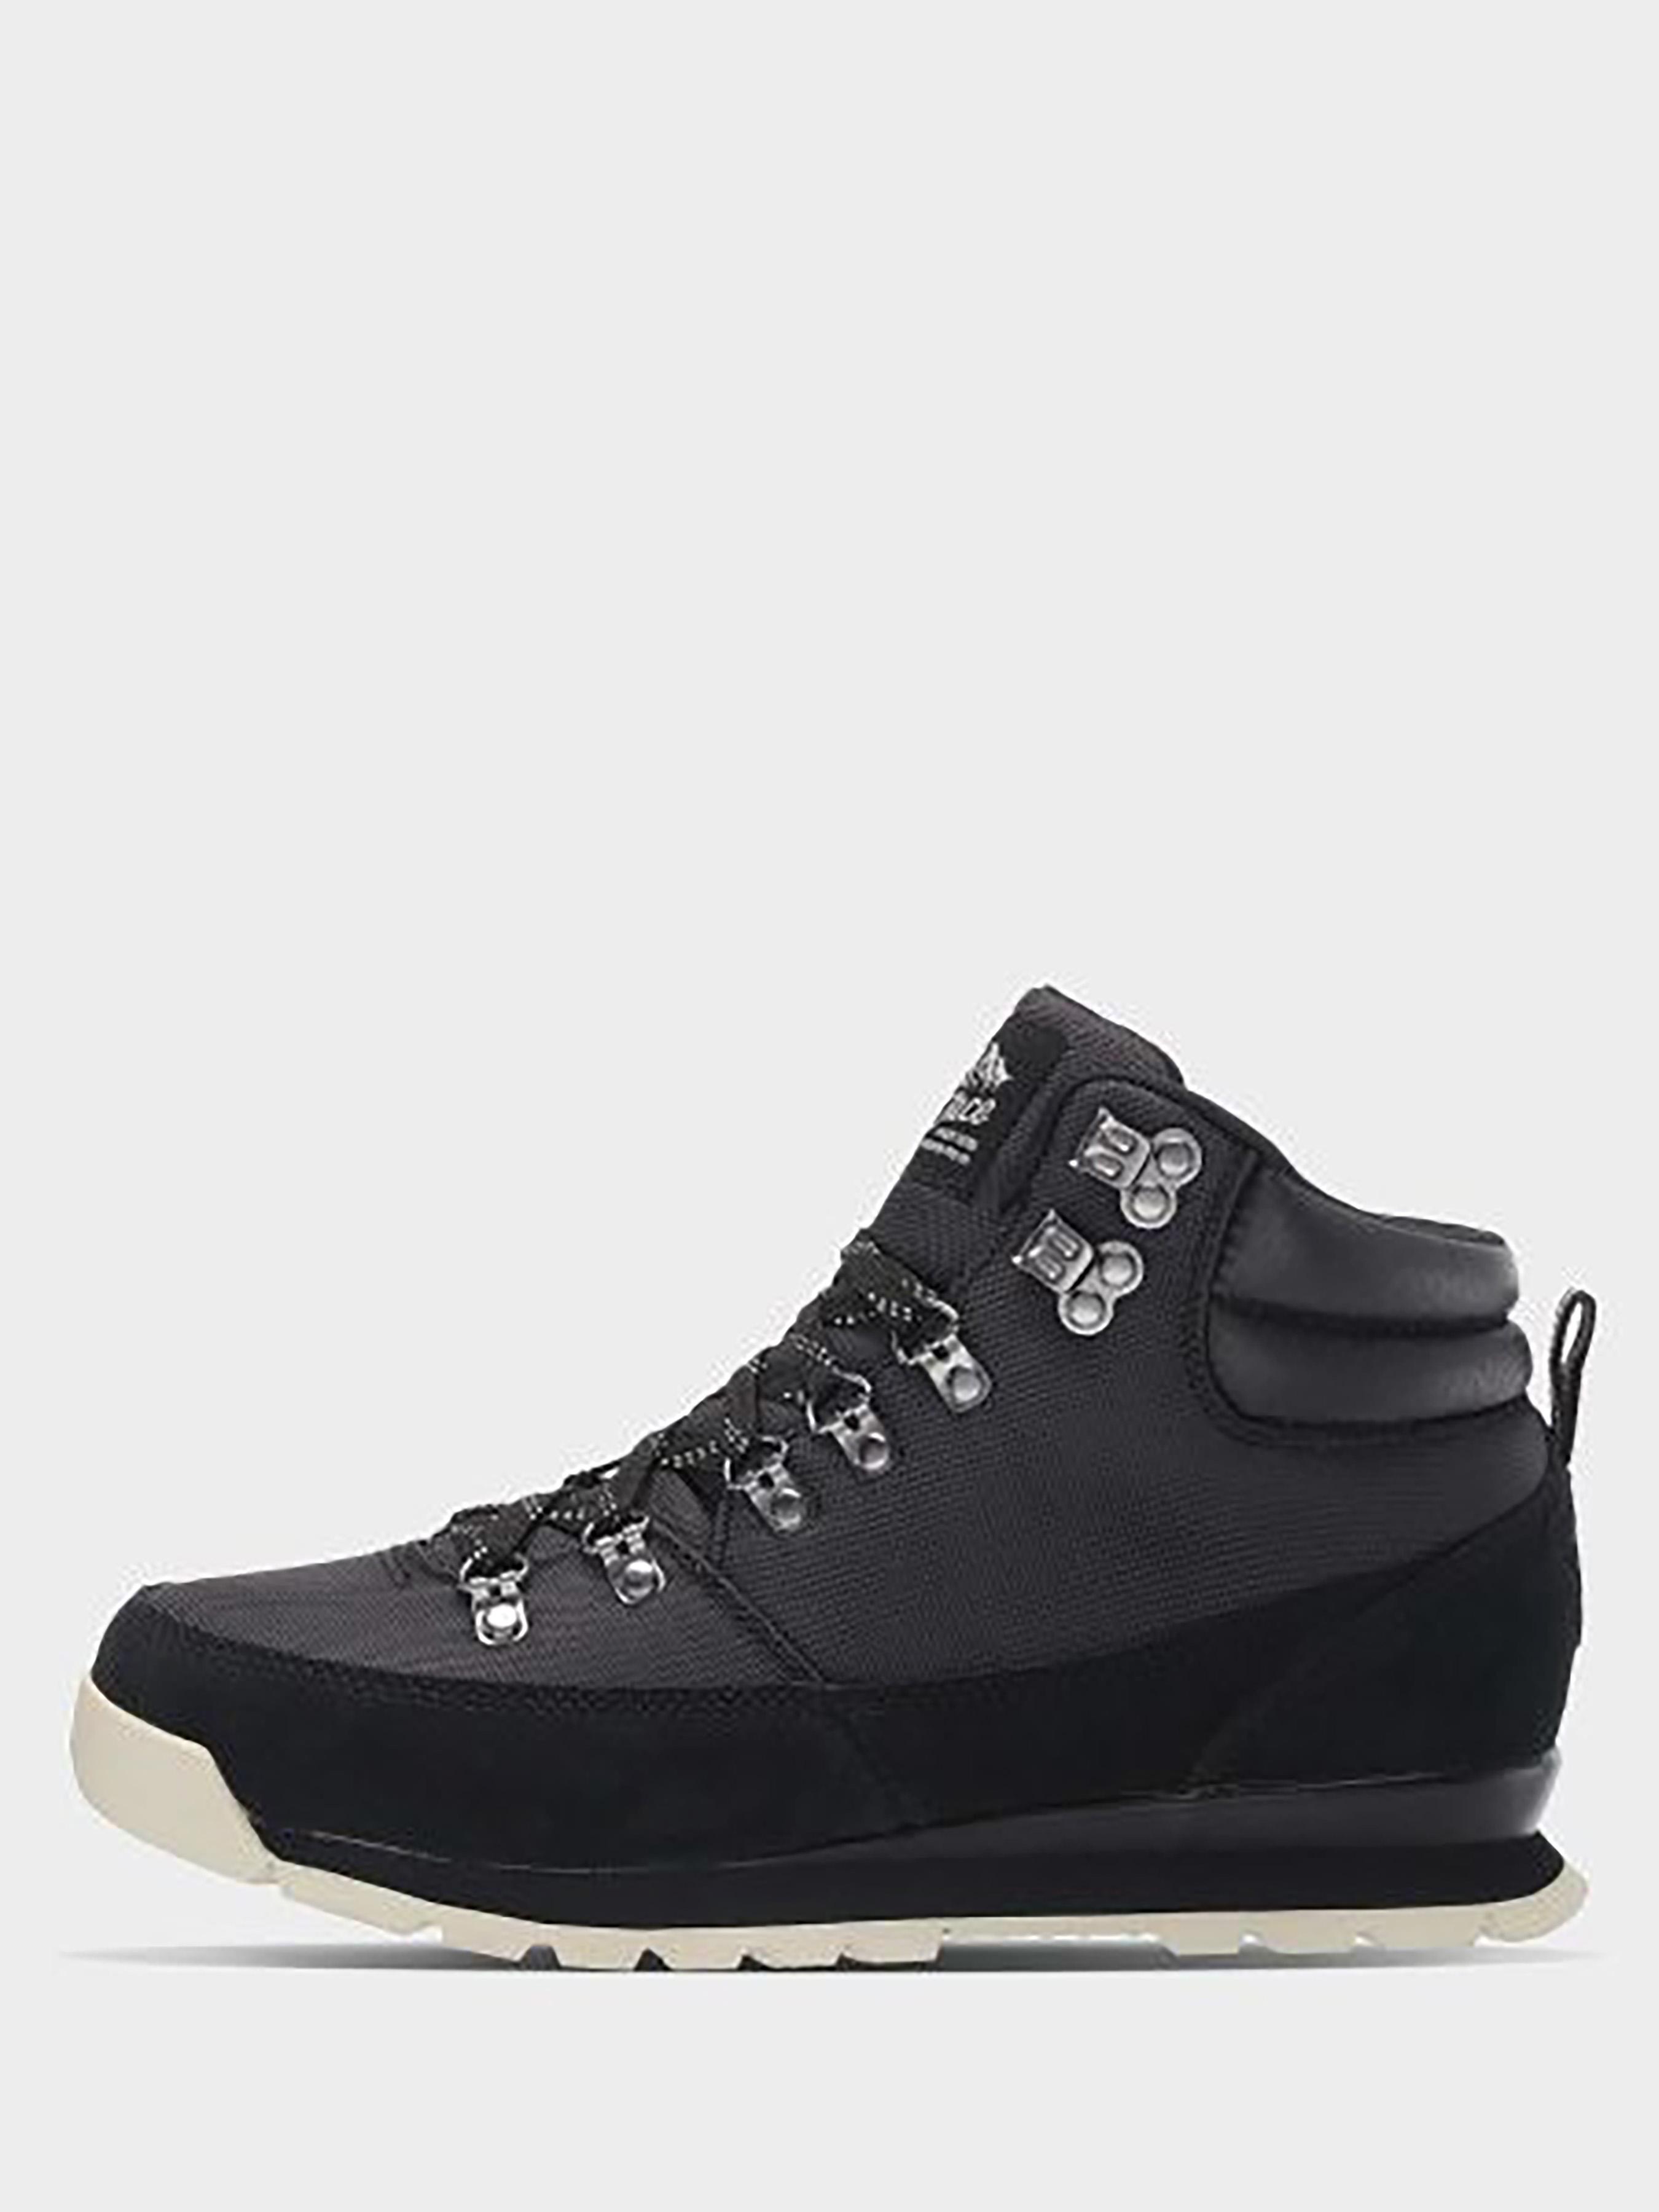 Ботинки женские The North Face Back-To-Berkeley Redux NO9793 брендовая обувь, 2017